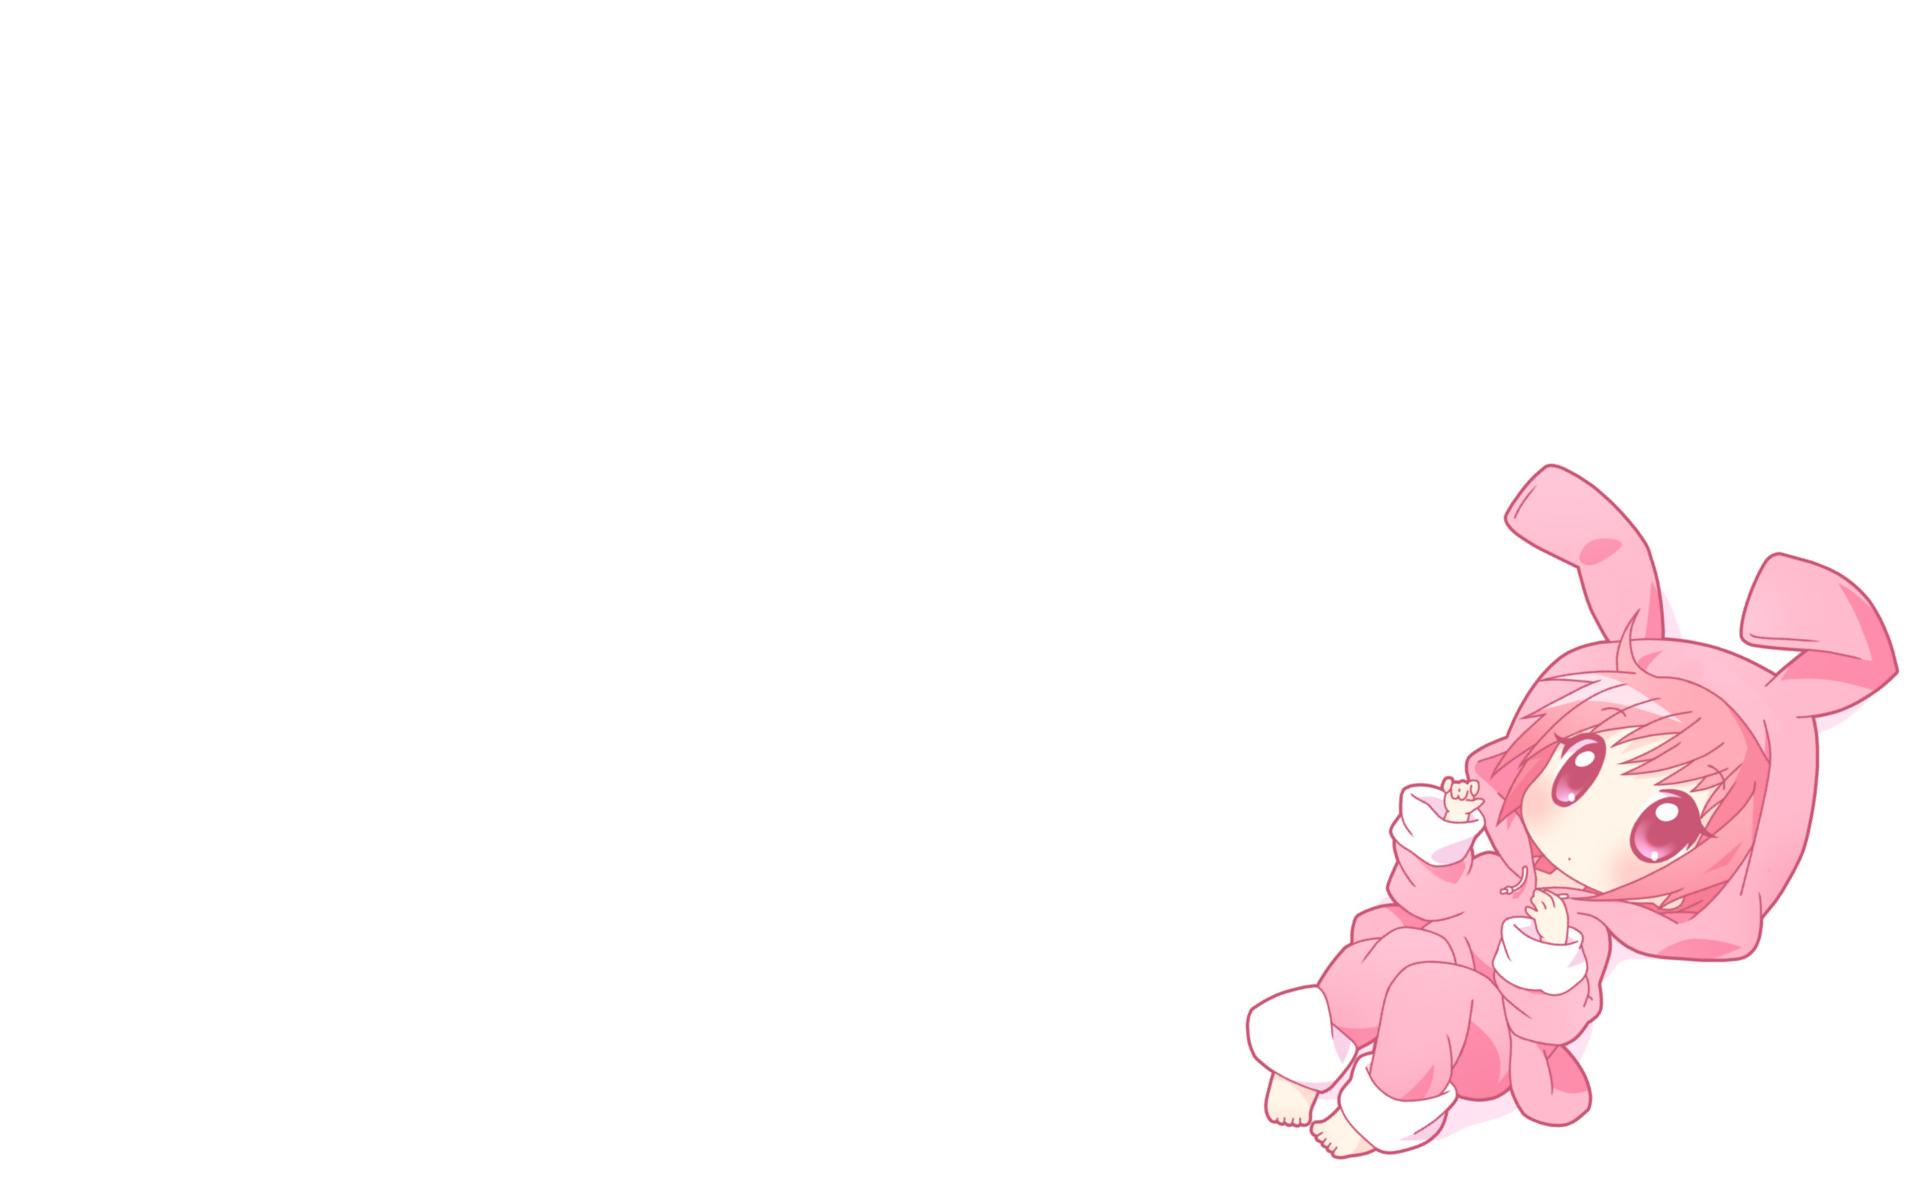 animal_ears blush chibi mirai_(sugar) pink_hair purple_eyes short_hair to_aru_majutsu_no_index tsukuyomi_komoe